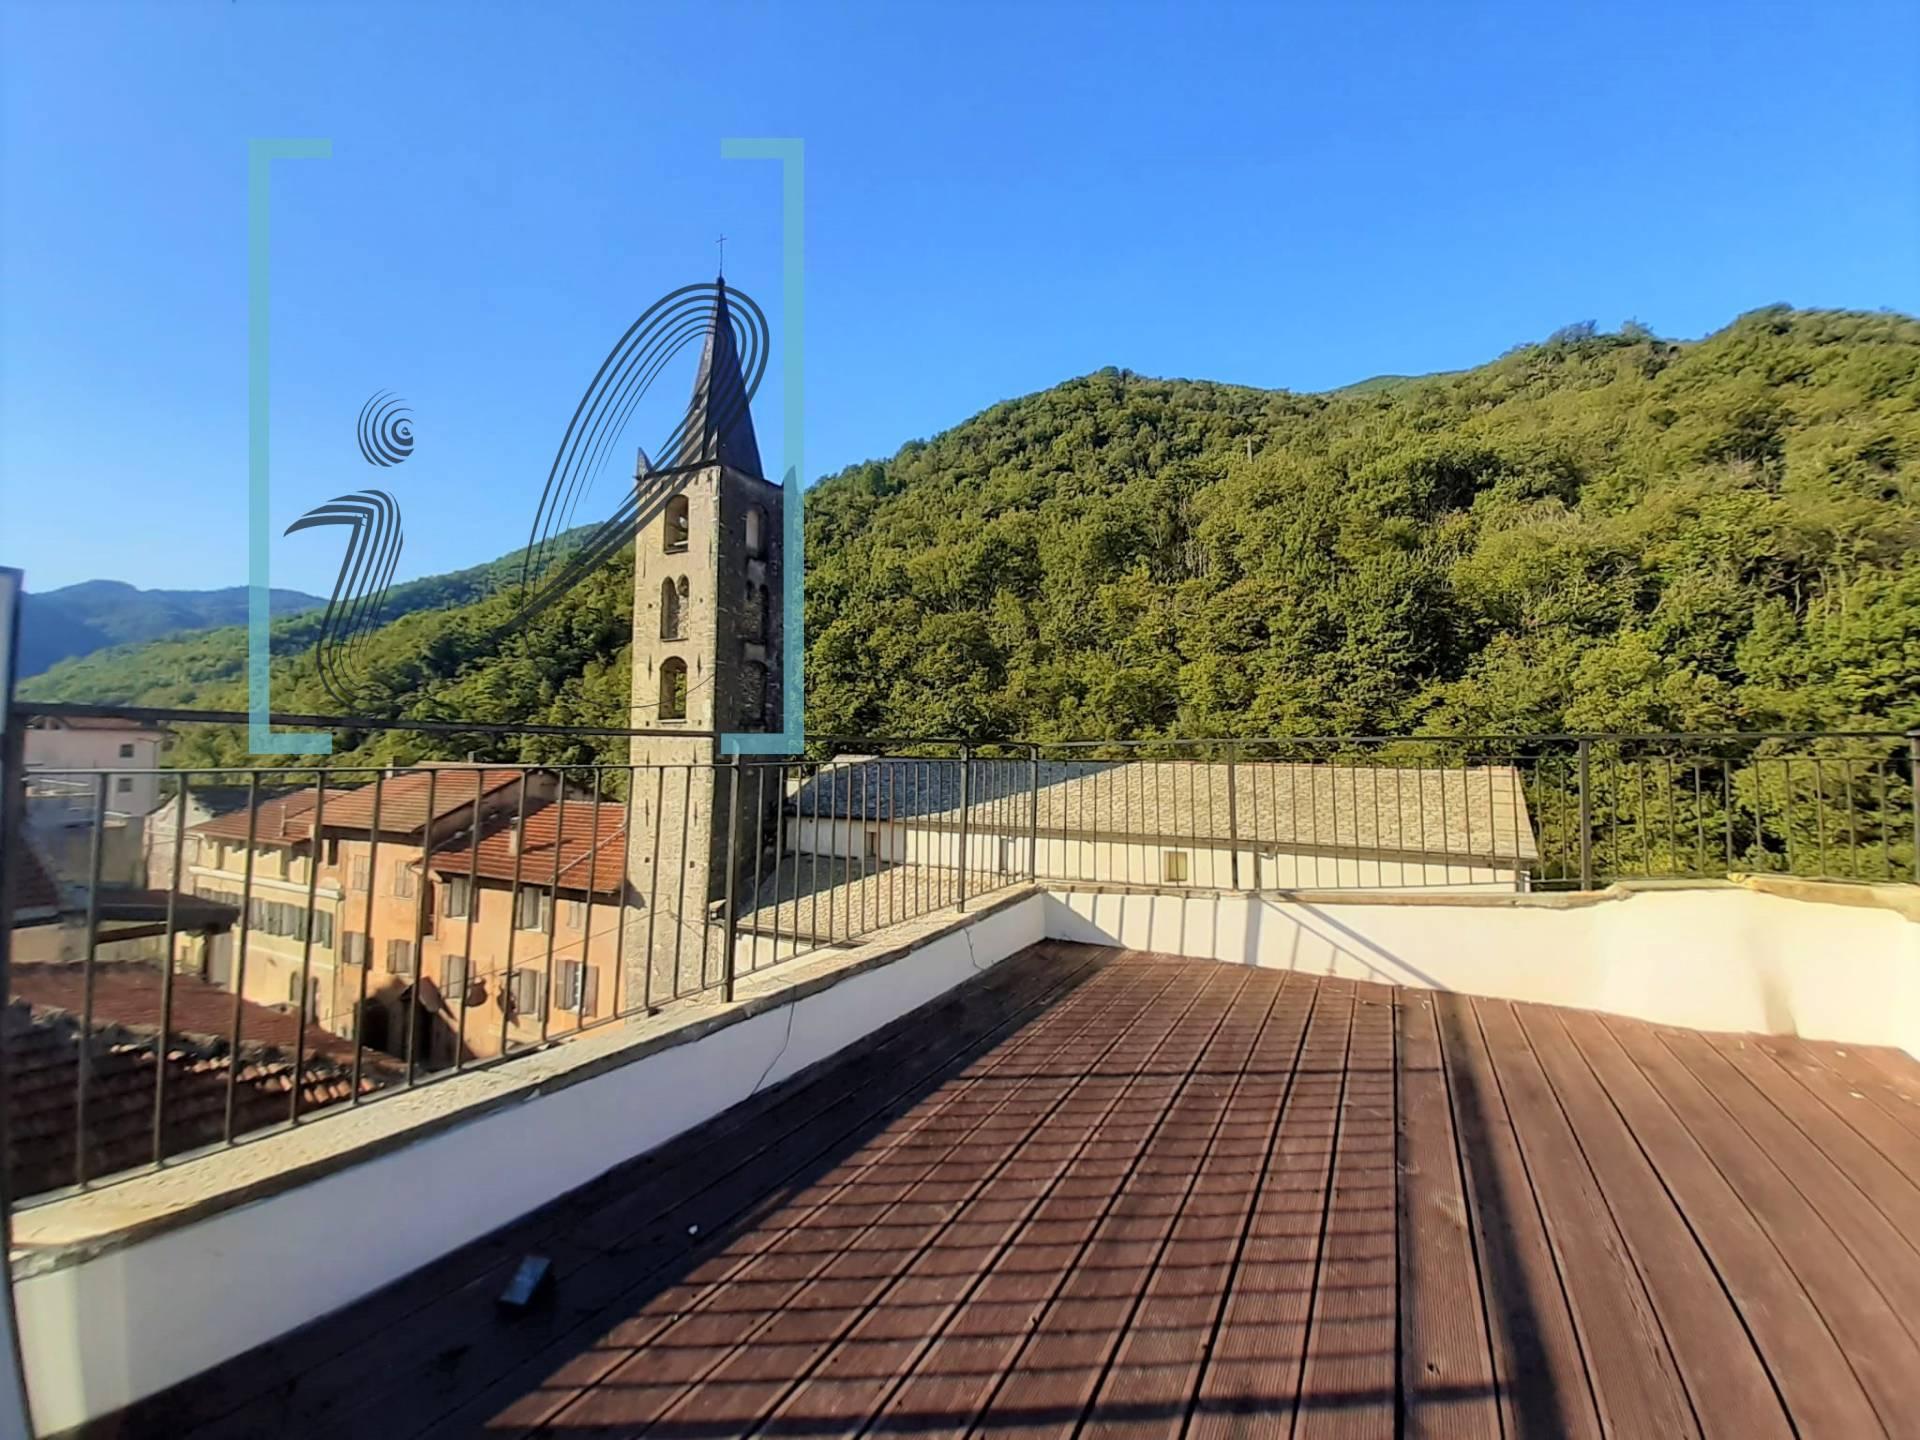 Appartamento in vendita a Pieve di Teco, 4 locali, prezzo € 100.000 | CambioCasa.it